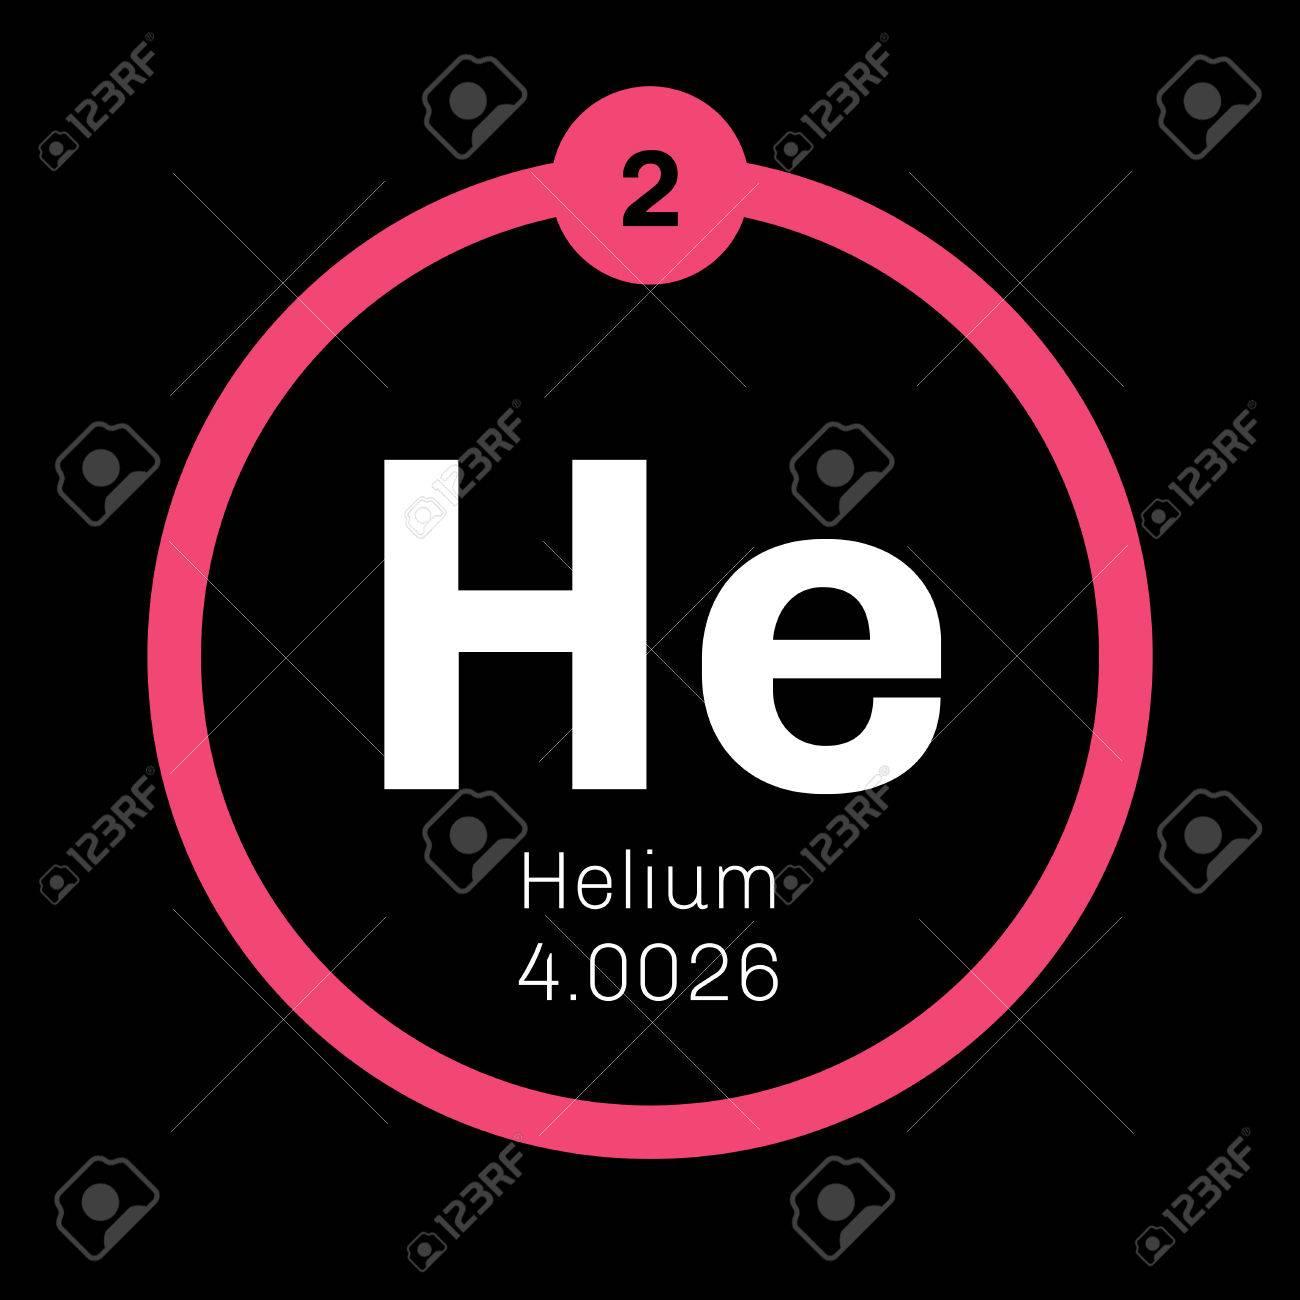 Elemento qumico helio el helio es un gas incoloro inodoro elemento qumico helio el helio es un gas incoloro inodoro inspido no urtaz Images